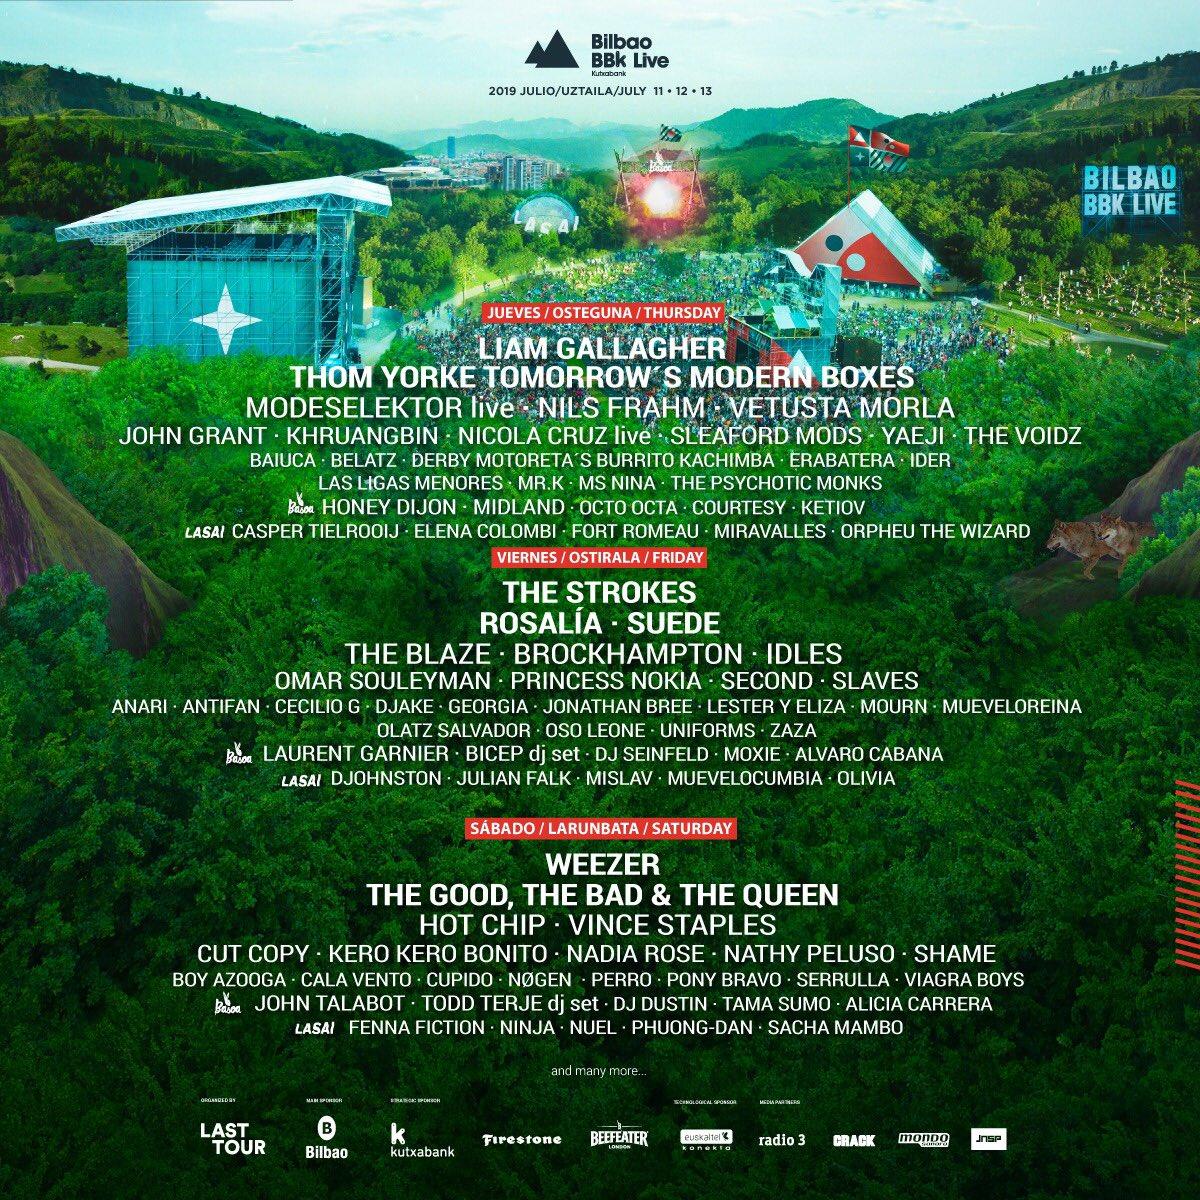 Bilbao BBK Live se posiciona como uno de los mejores festivales de música 3